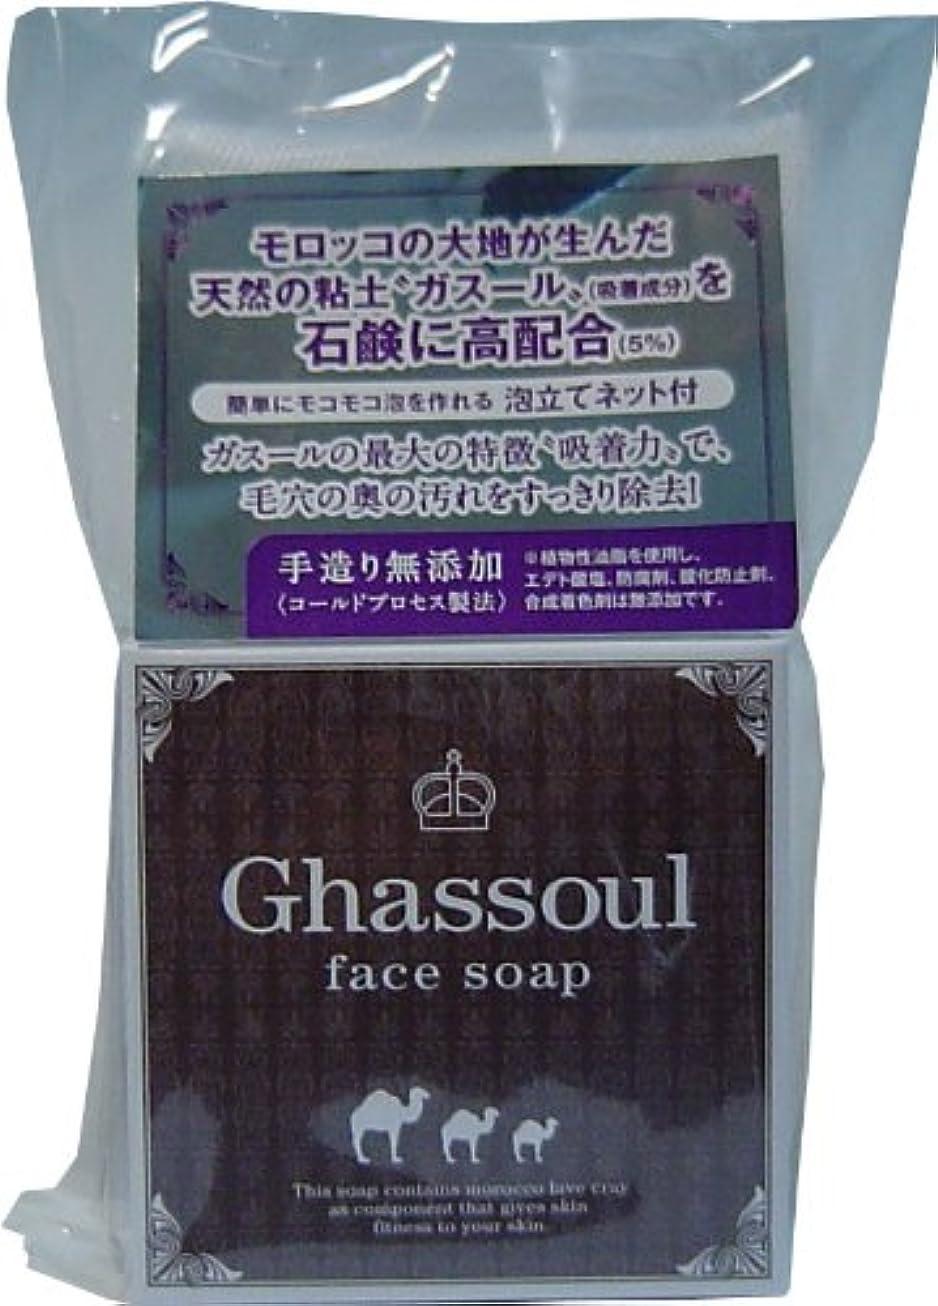 おばあさん動詞記録Ghassoul face soap ガスールフェイスソープ 100g ×6個セット